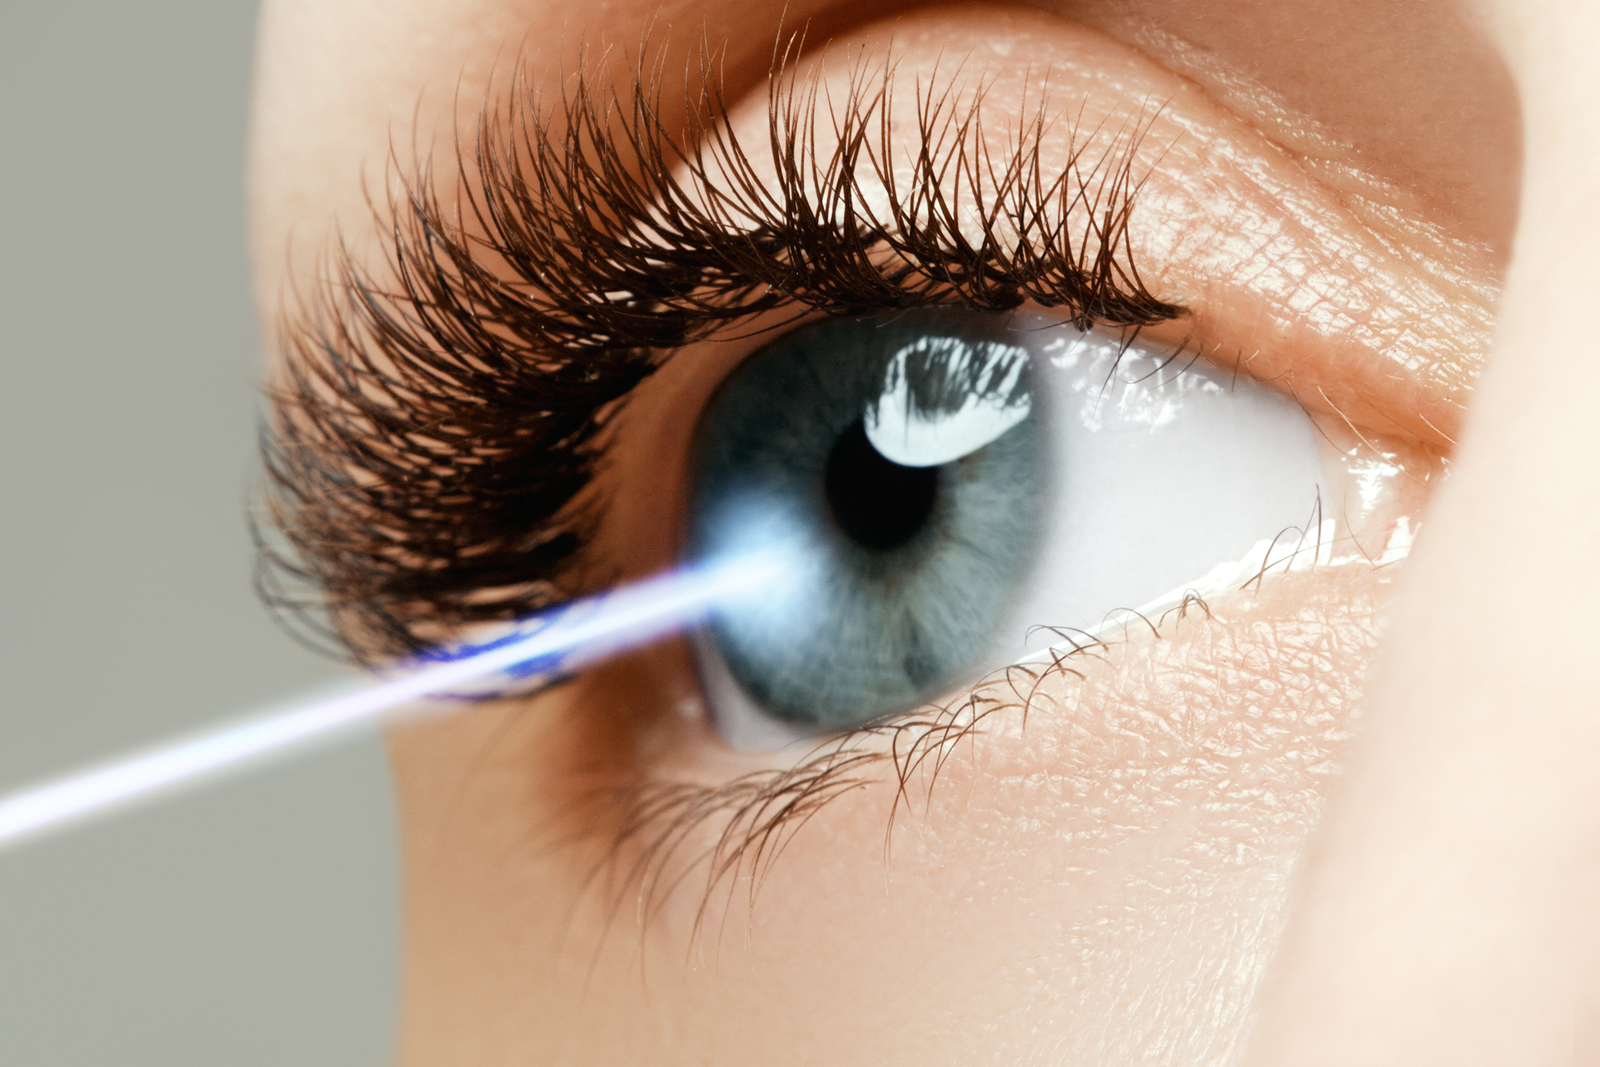 Krankenversicherung – Augenoperation mit Femto-Laser - Kostenerstattungsanspruch